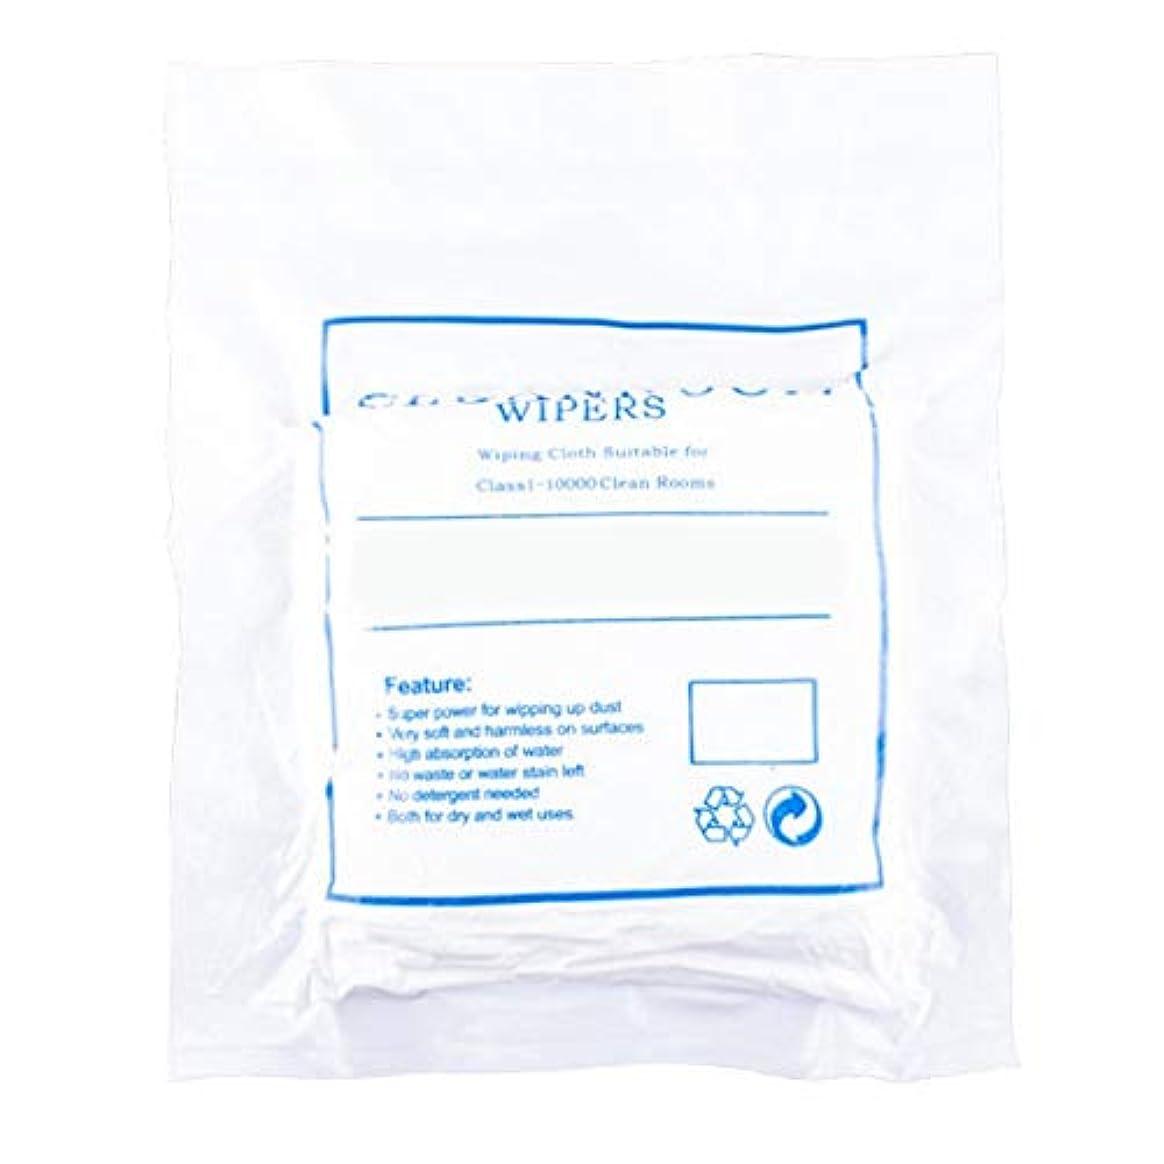 代わりに科学的温度ほこりのない布のスクリーンクリーニングほこりのない布のほこりのない紙3009ホワイト4インチ400個/パッケージ